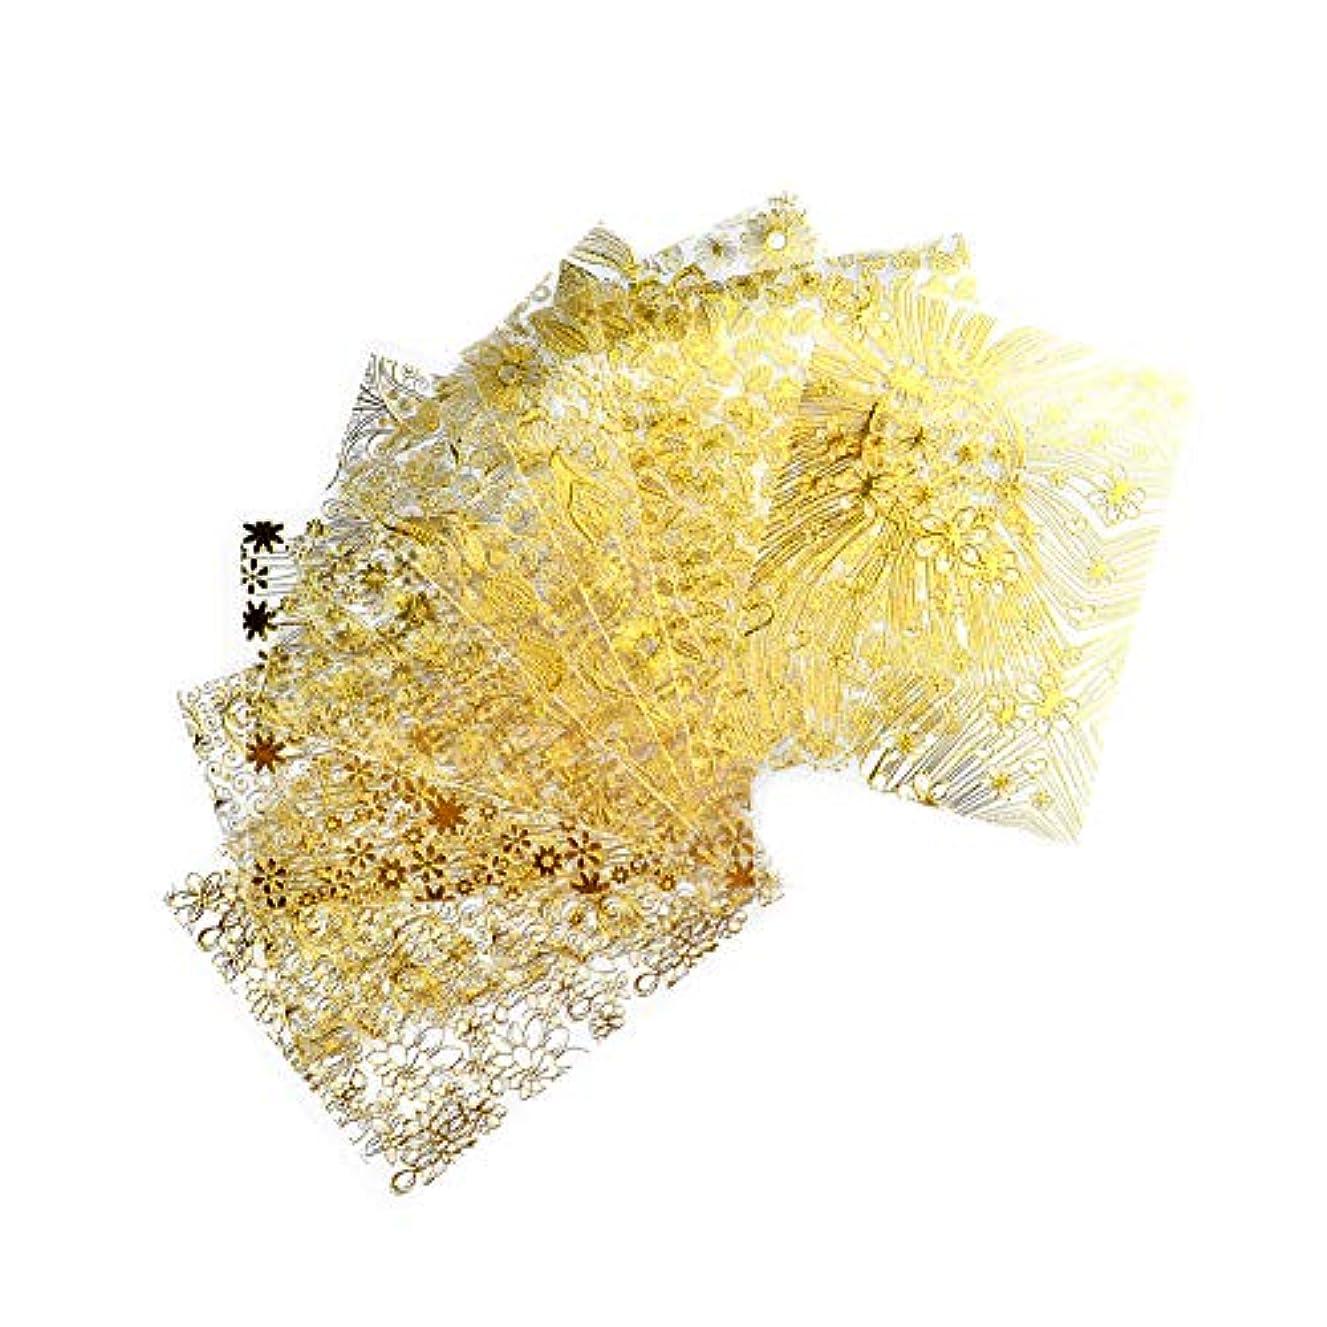 承知しました表面実行可能金属の自己接着性ネイルステッカー8花柄のネイルステッカー3DネイルネイルDIYの宝石装飾された女性の少女金